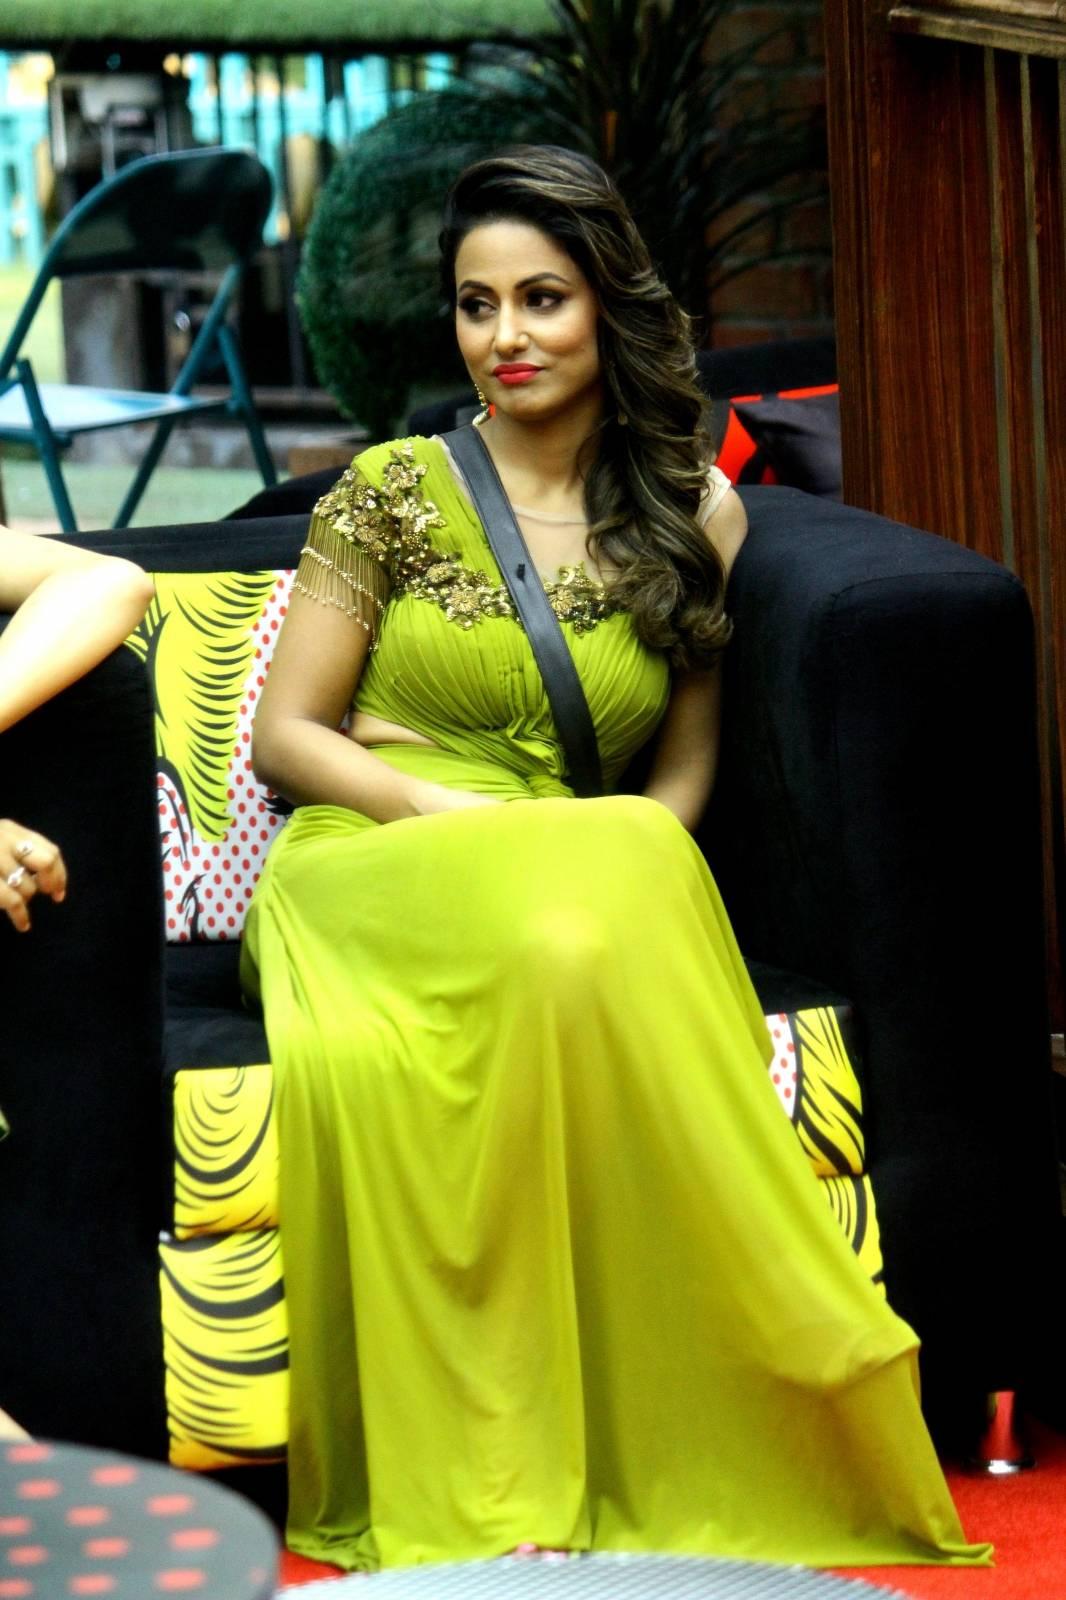 Hina Khan in Bigg Boss. Pic 5. (Image courtesy – Google)